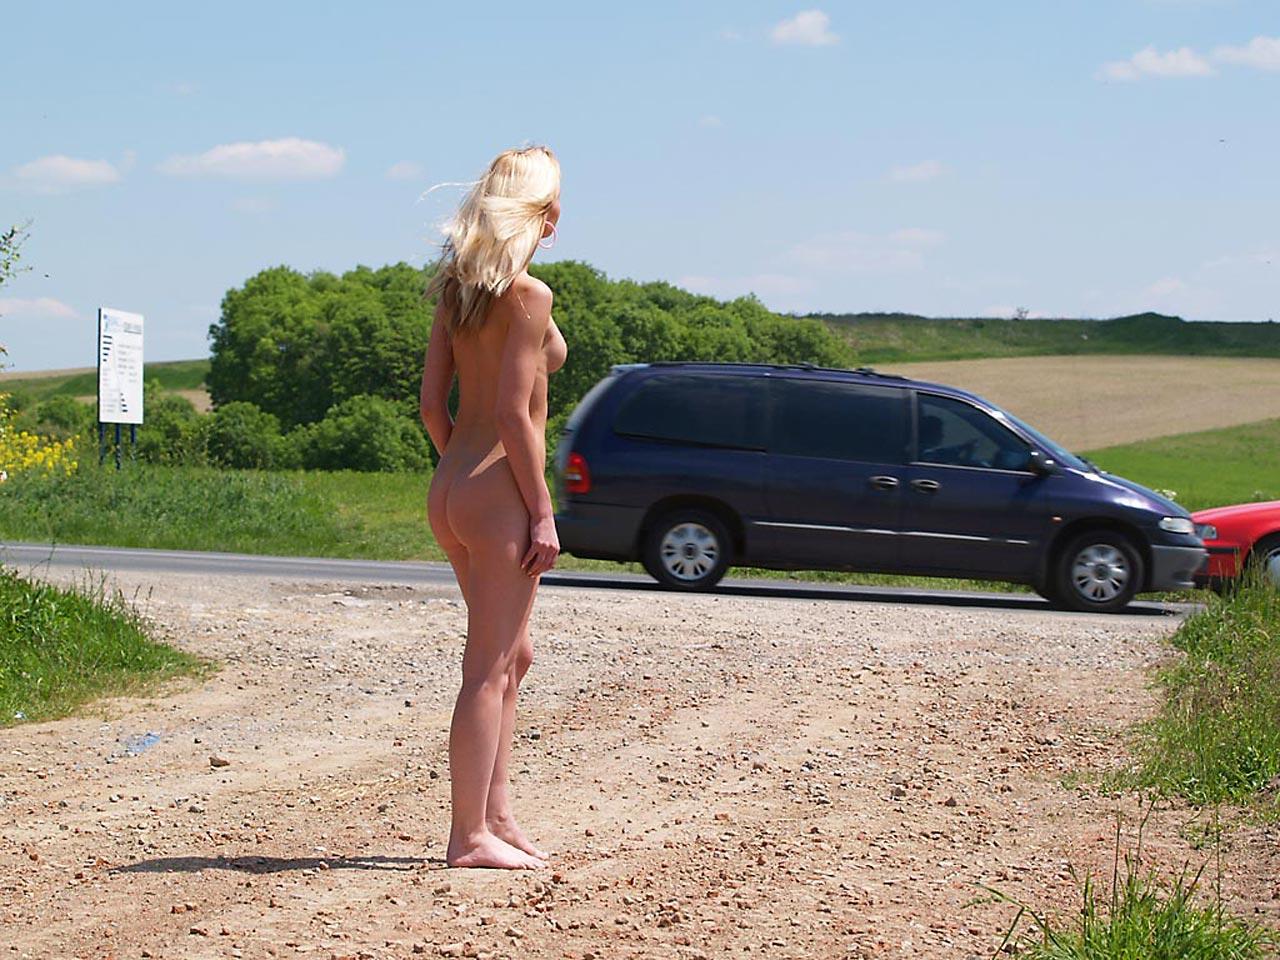 Публичное обнажение мастурбация на публике 23 фотография